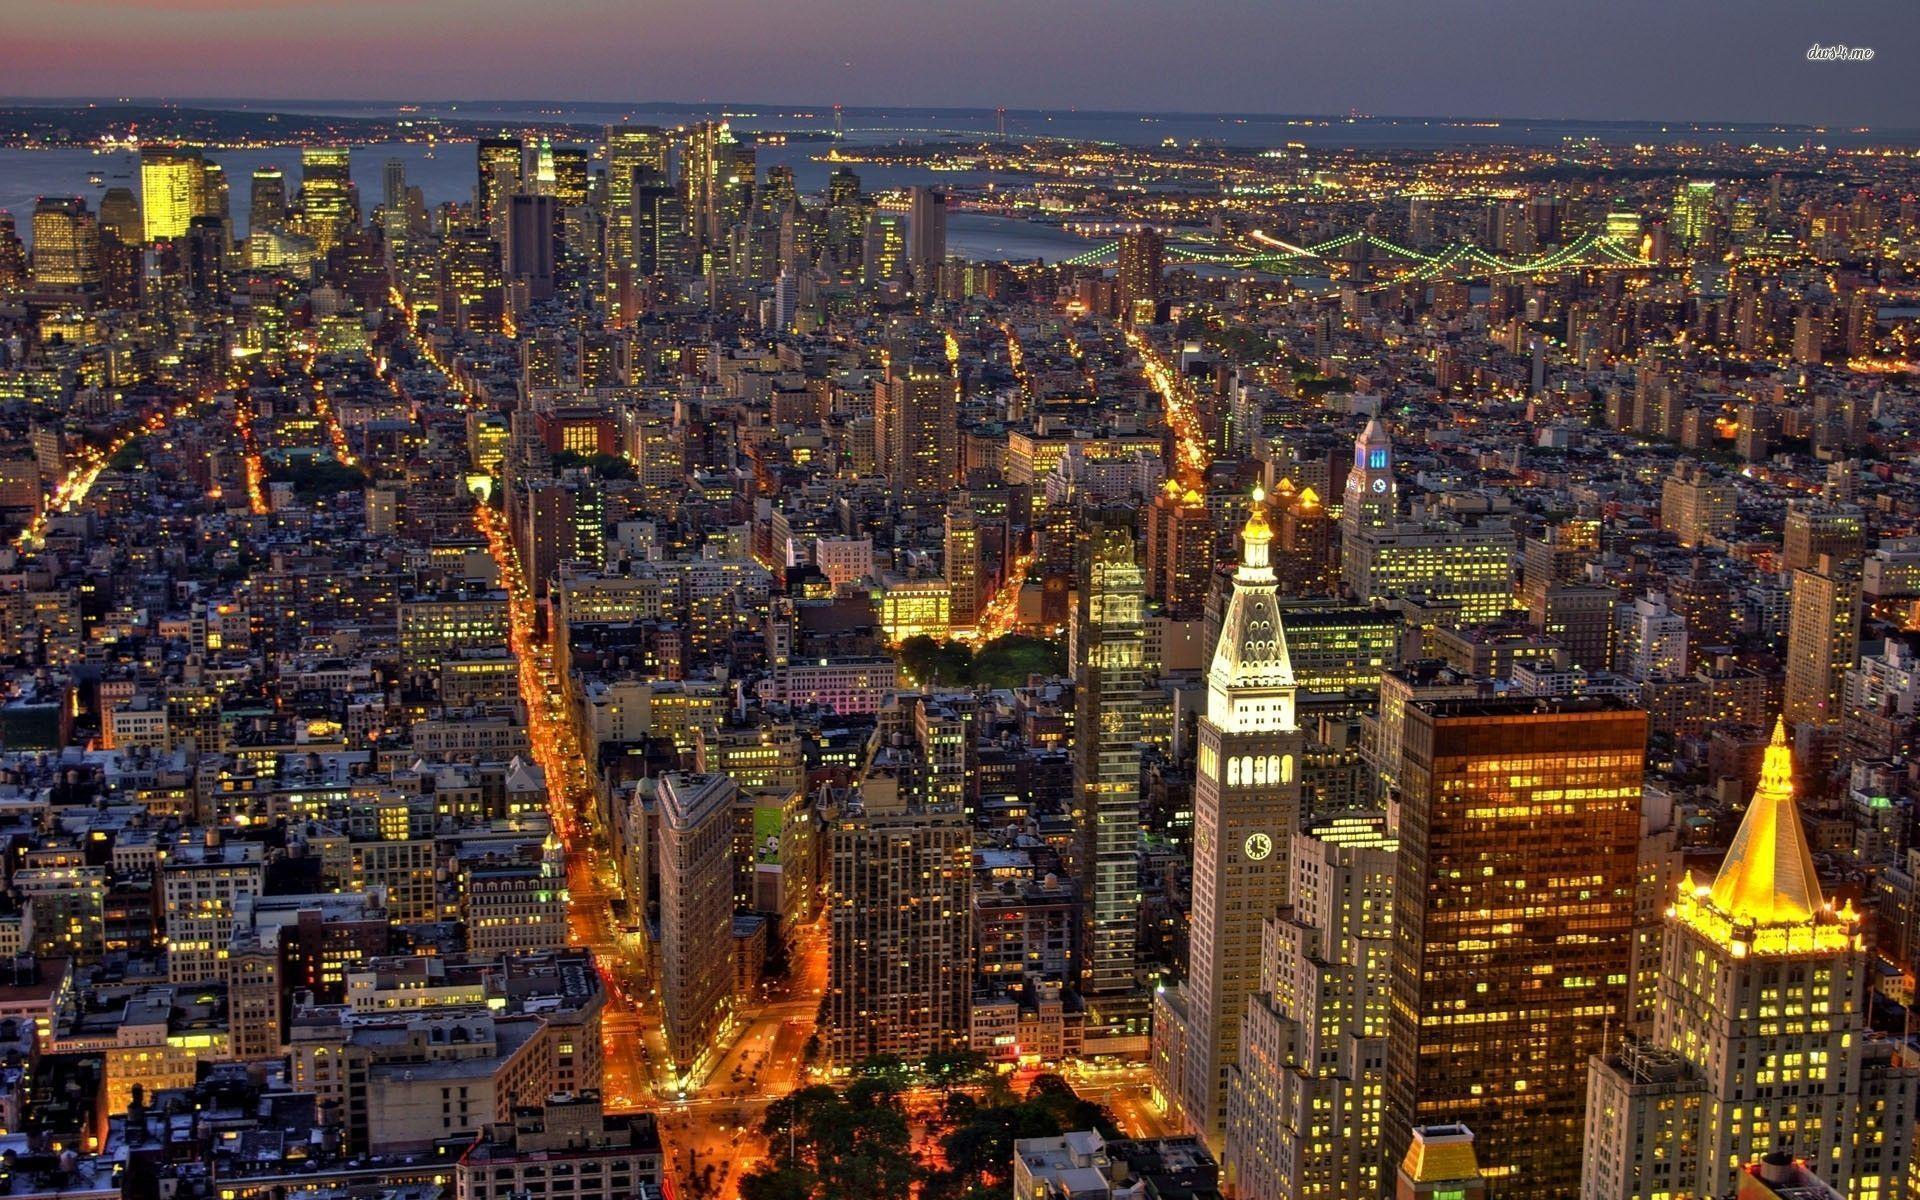 new york at night - photo #18